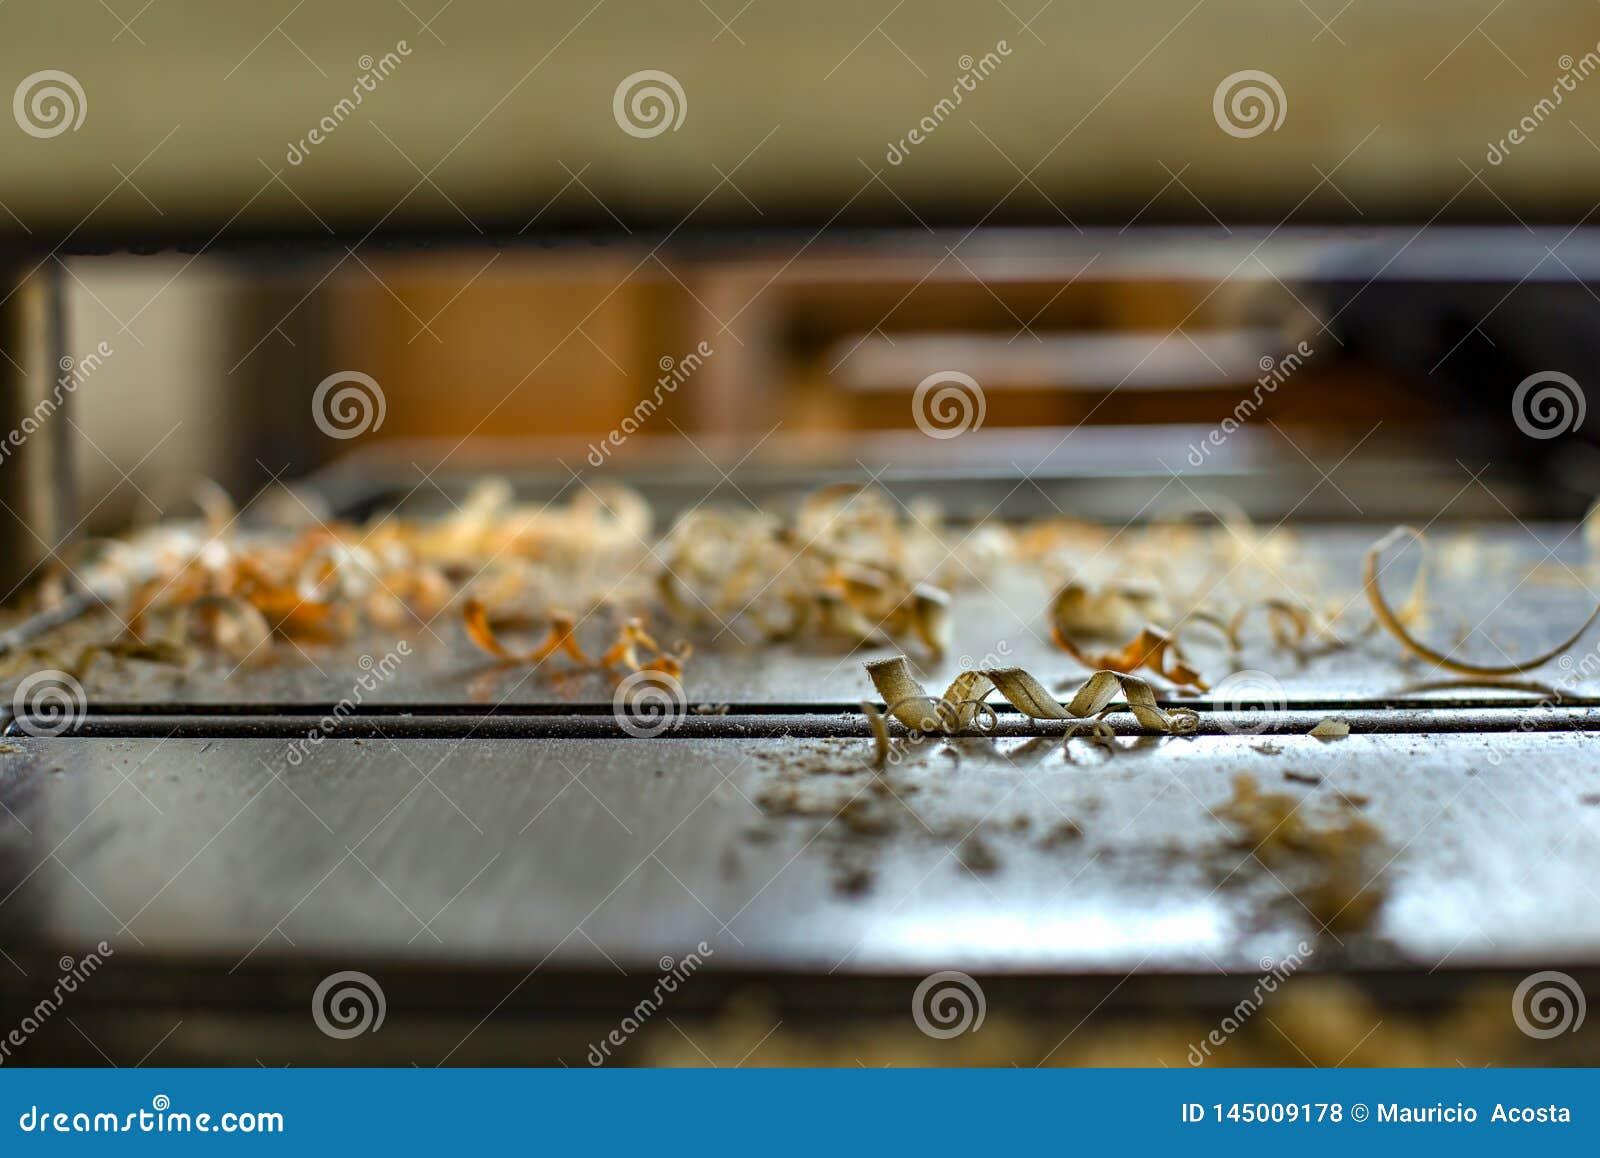 Ξύλινα τσιπ σε μια μηχανή πλανίσματος ξυλουργών